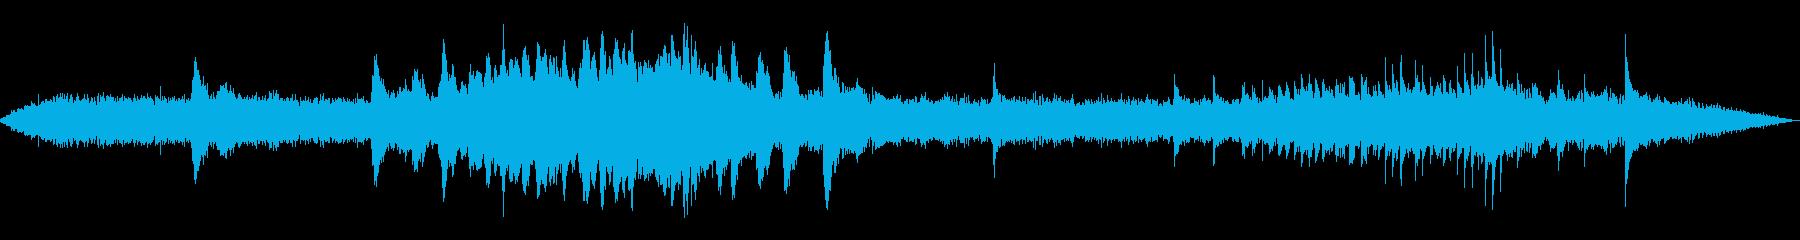 荒涼のイメージ(30秒)の再生済みの波形